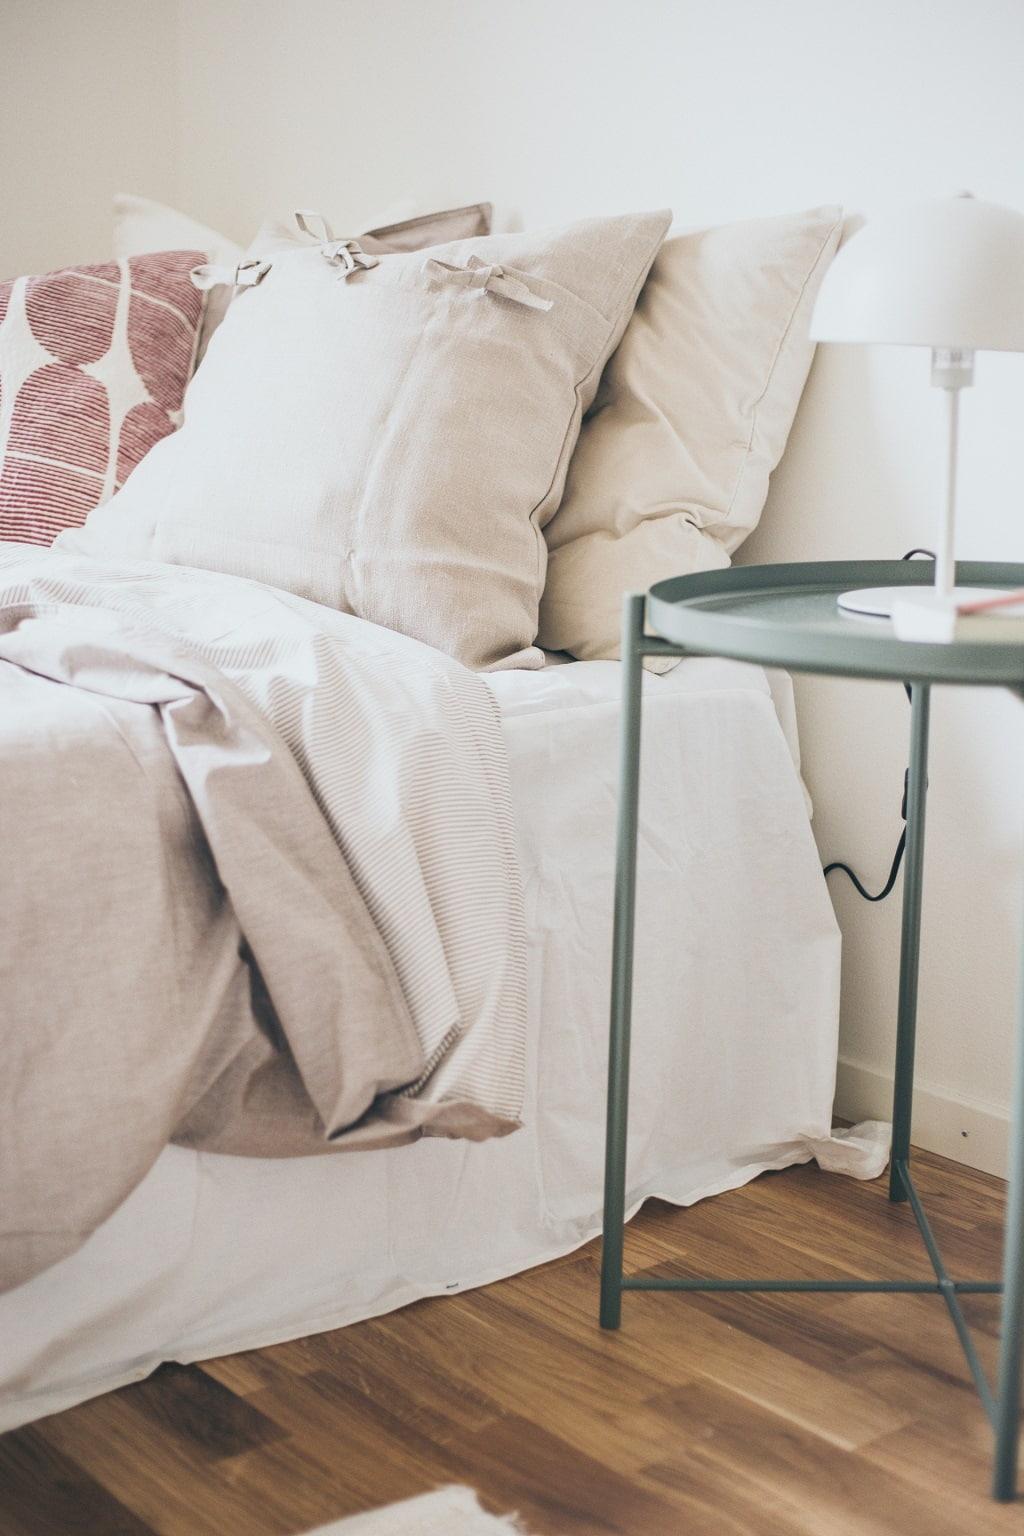 Detaljbild på bäddad säng och ljusgrönt sängbord